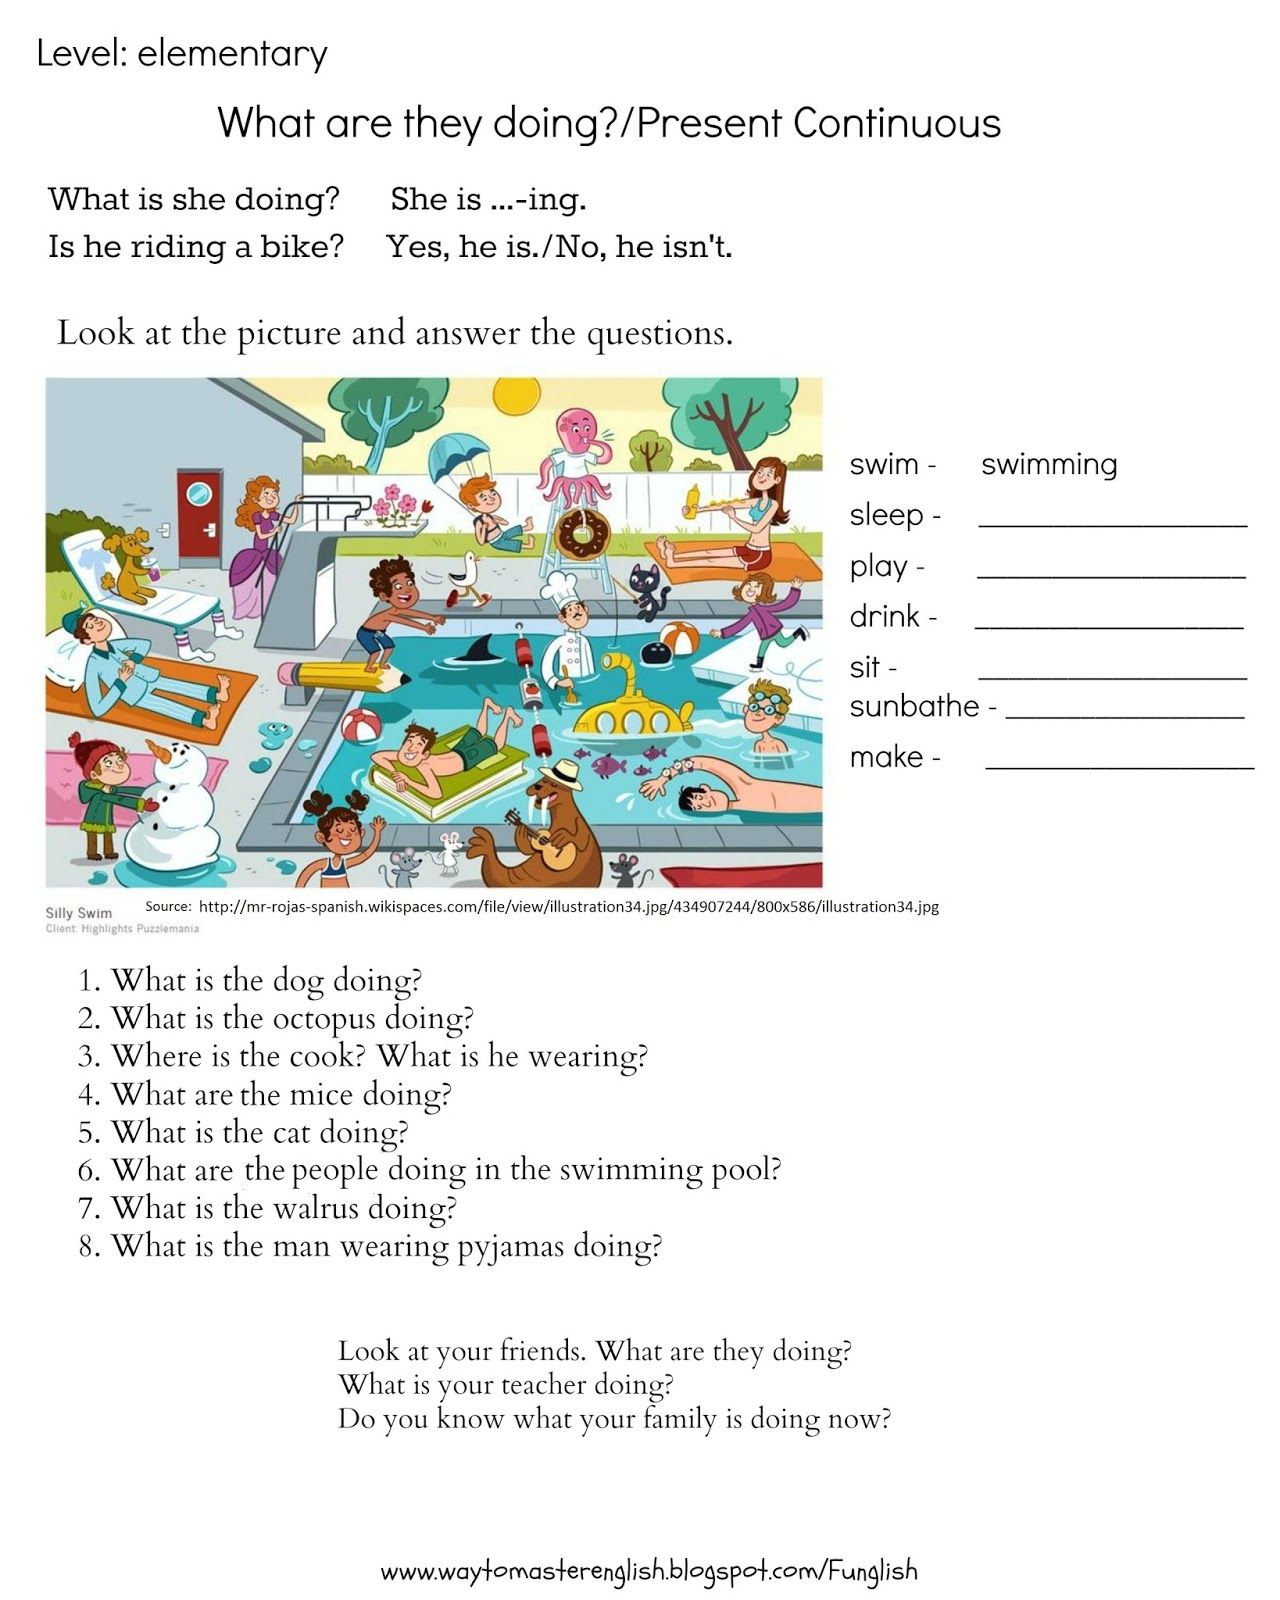 Blog Dla Nauczycieli Jezyka Angielskiego Gotowe Materialy Do Prowadzenia Lekcji Pomysly Ins Foreign Language Teaching English Fun English Grammar Worksheets [ 1600 x 1280 Pixel ]